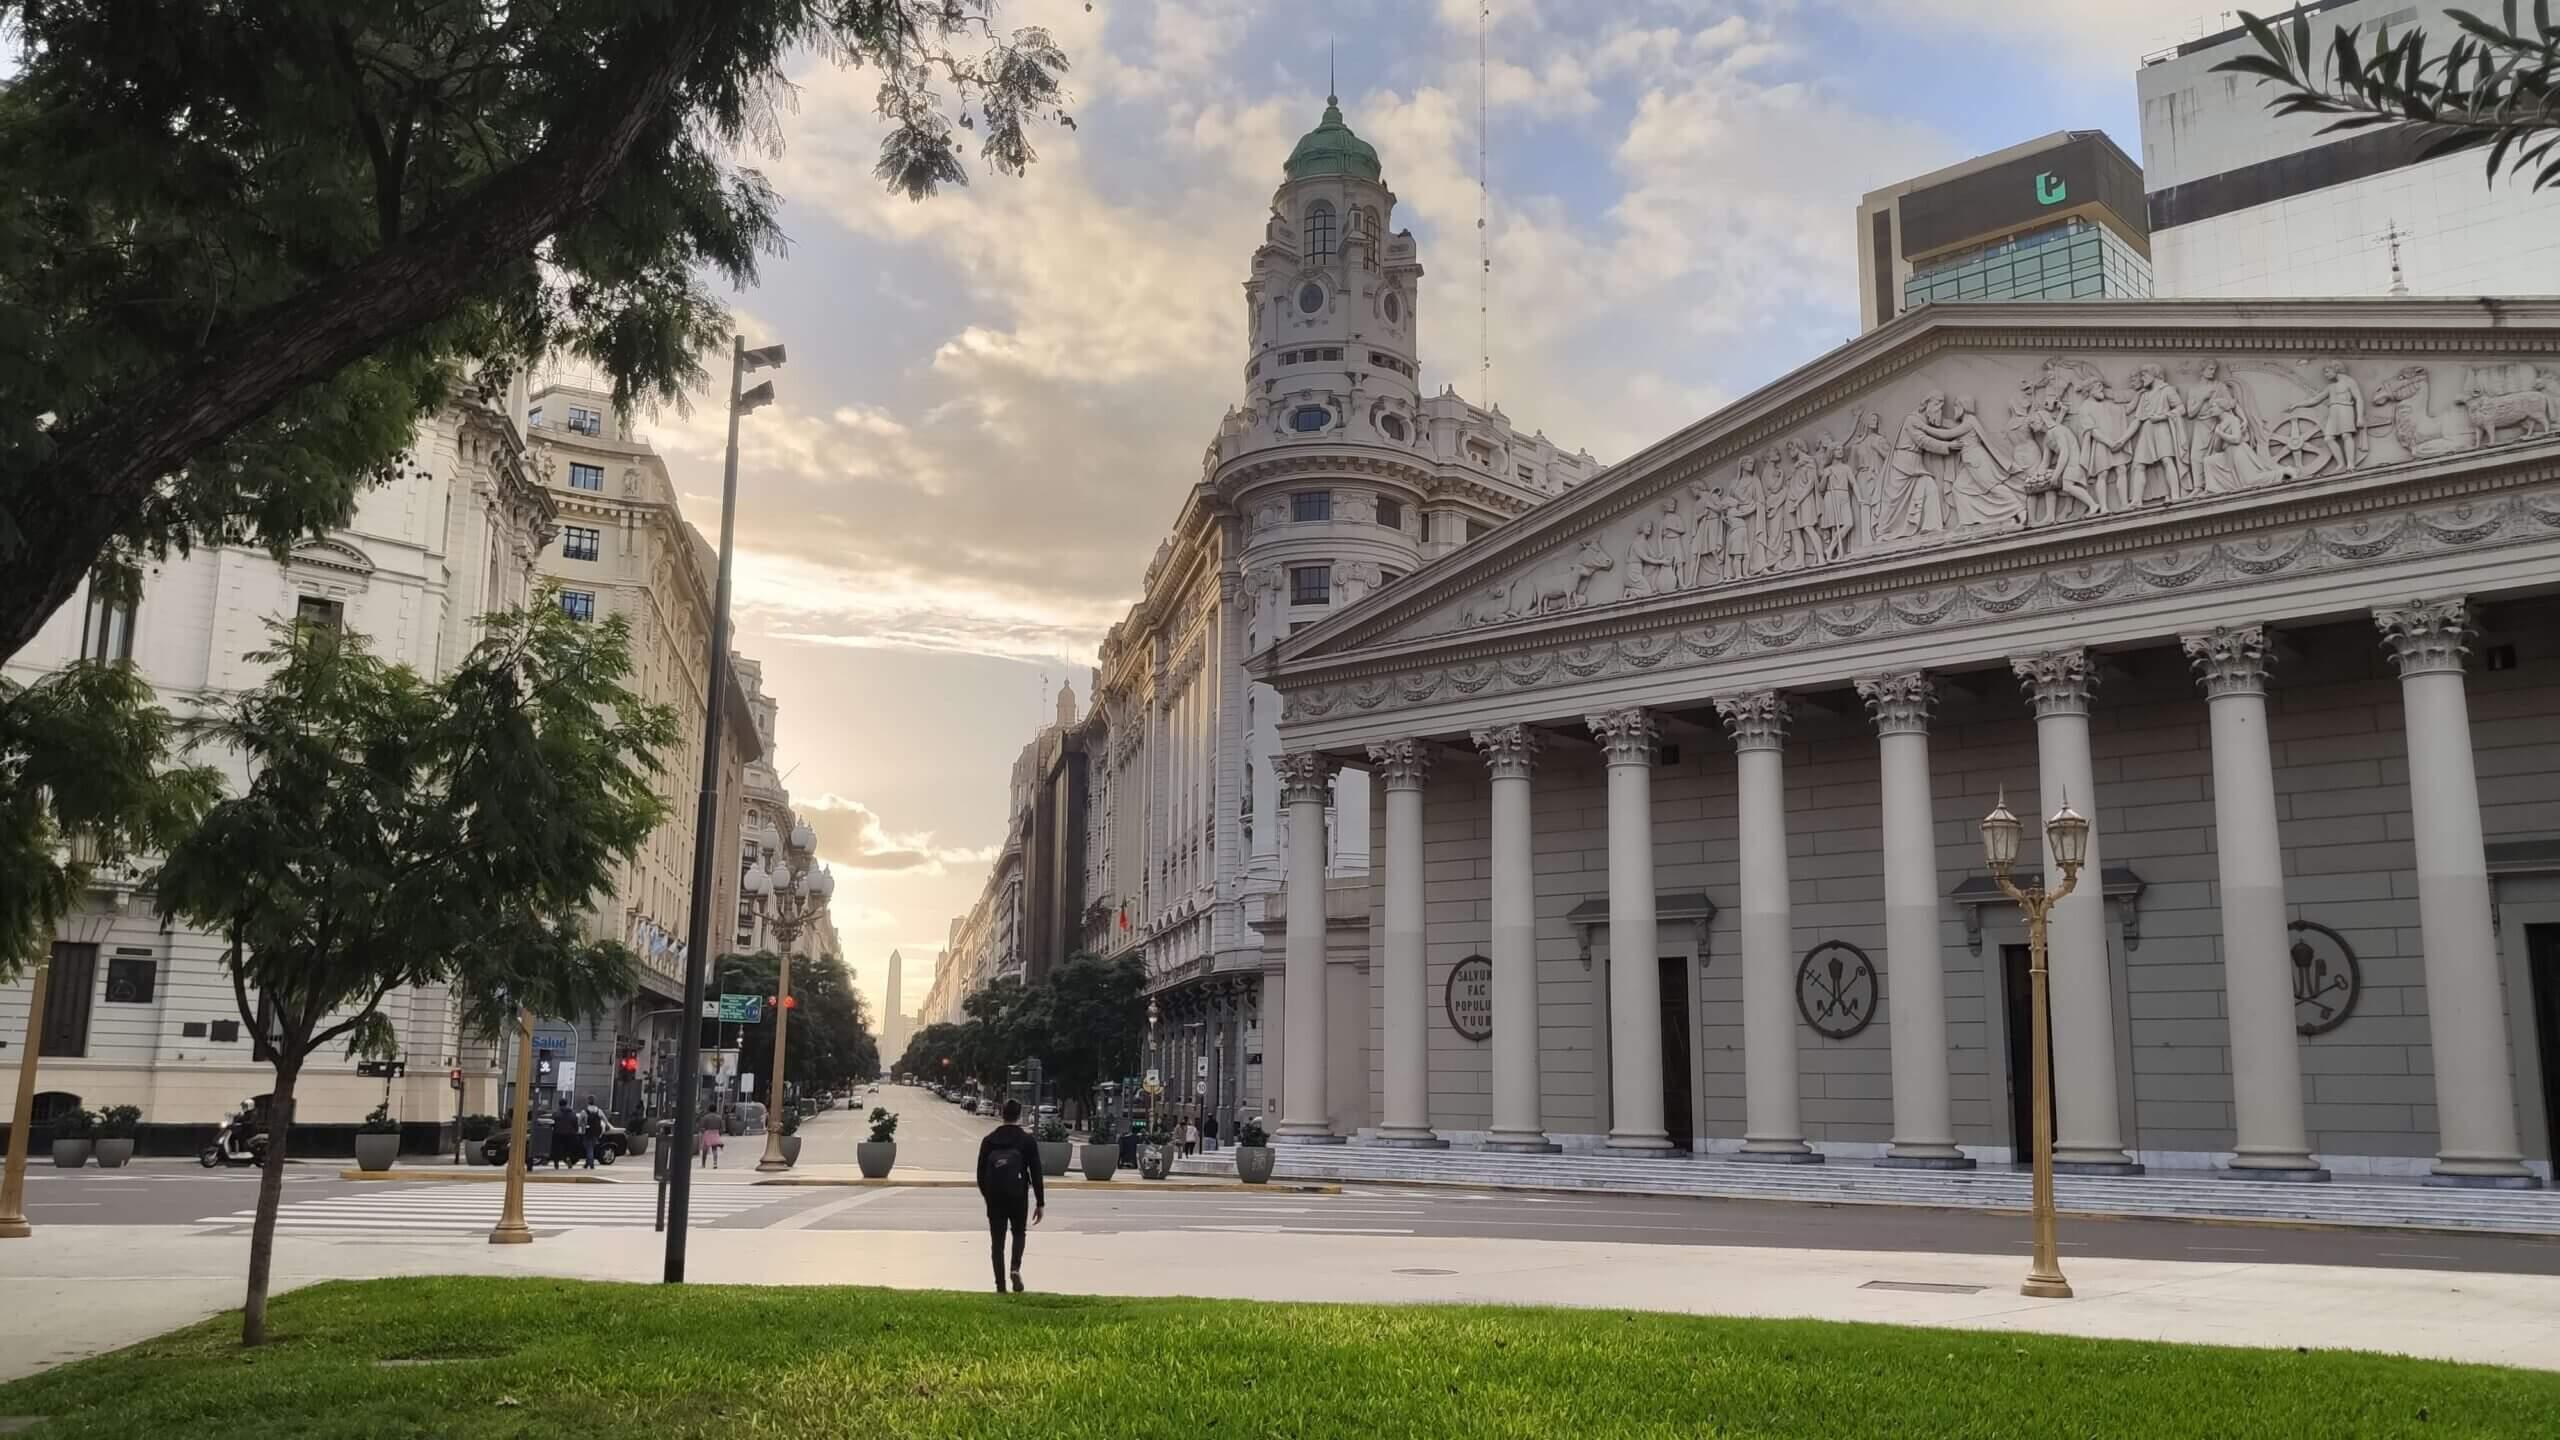 Luca-Buenos-Airesben-25deMayo